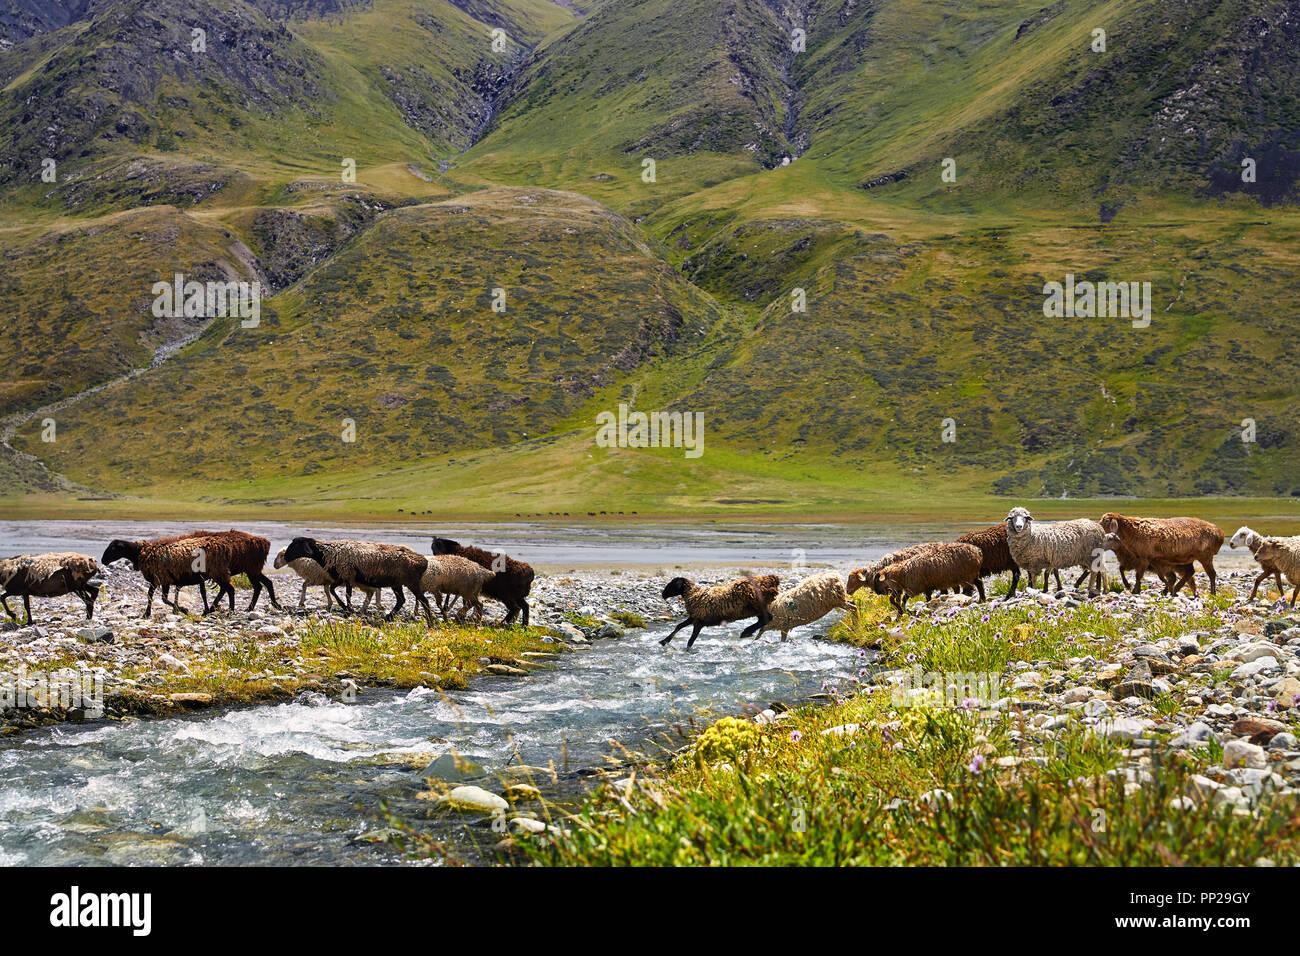 Rebaño de ovejas atravesando el río en el valle de montaña de Kirguistán, Asia Central Foto de stock